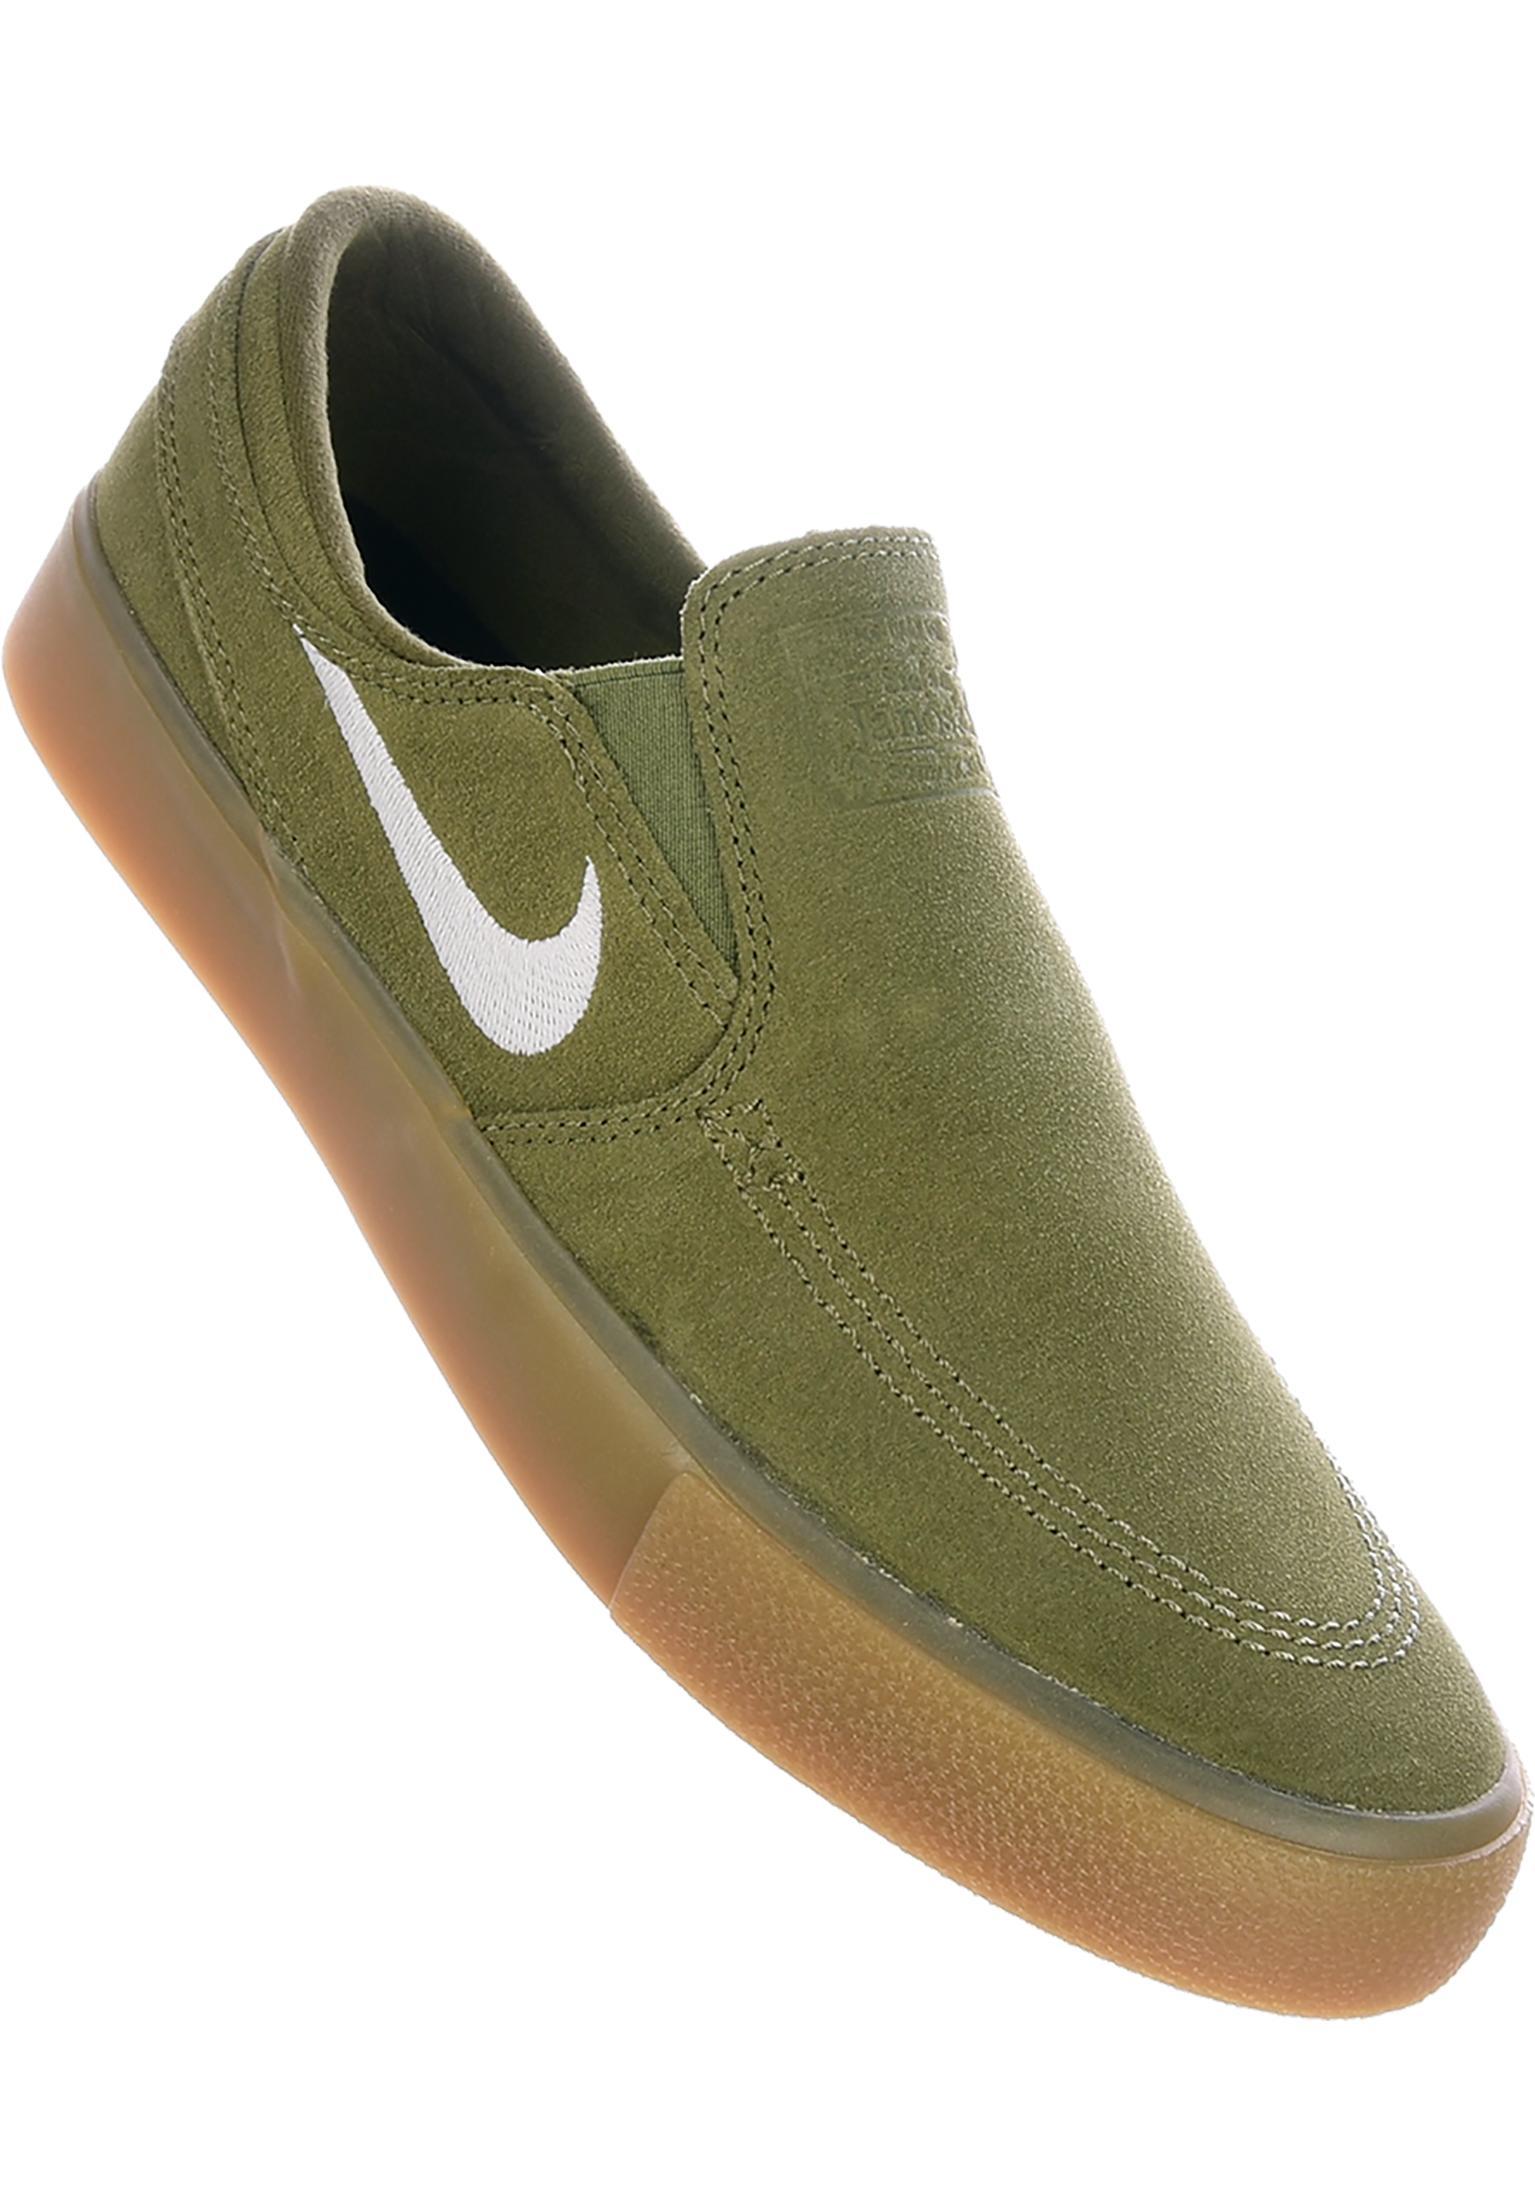 buy online 38cd8 e94d3 Alle Schuhe für Herren im Titus Onlineshop kaufen   Titus